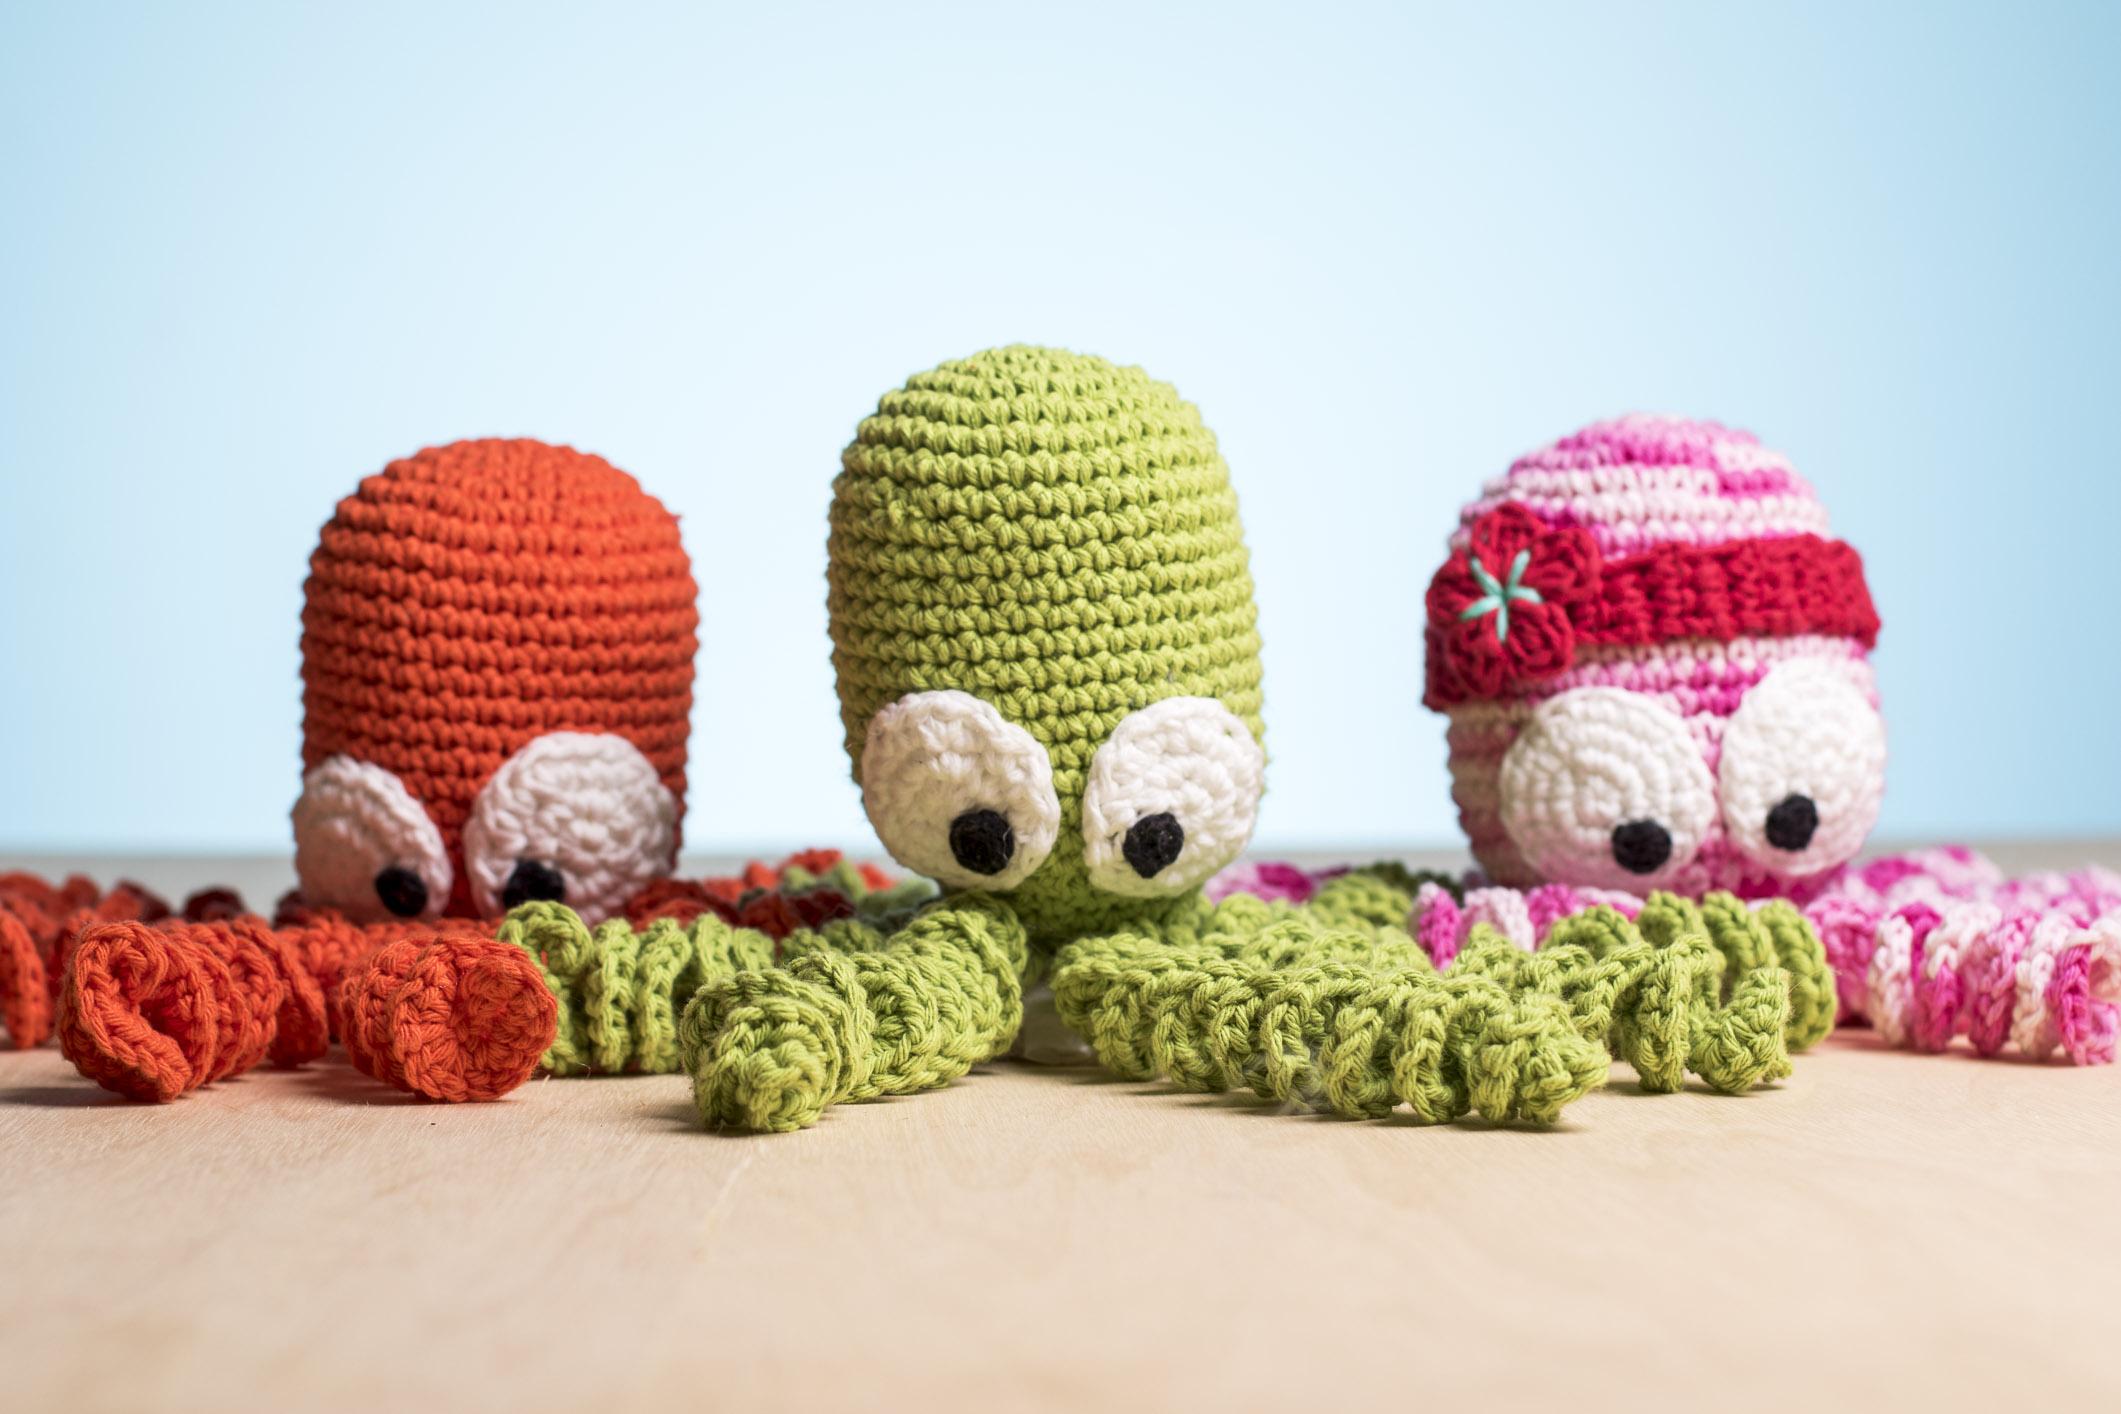 Uma ideia simples que traz resultado para a vida toda. O polvo de crochê vem sendo um forte aliado no desenvolvimento de bebês prematuros em hospitais de diferentes partes do mundo